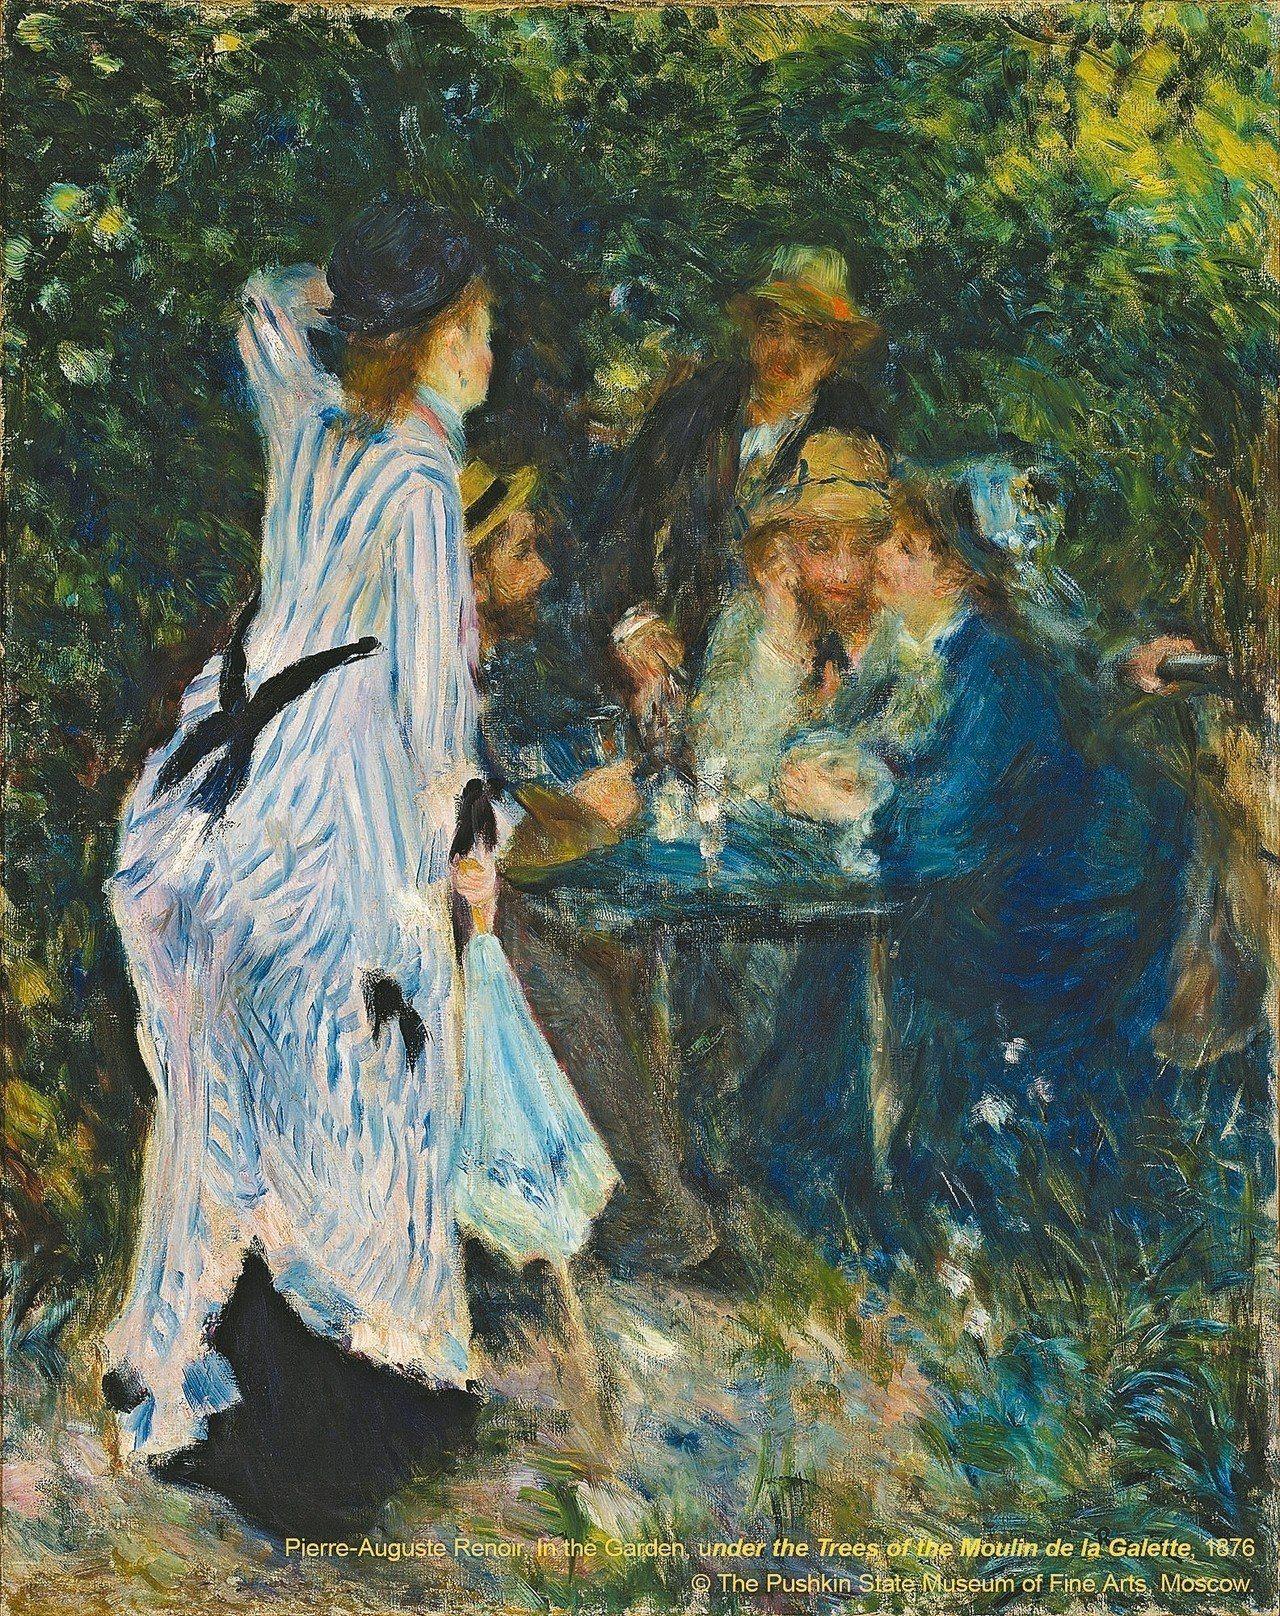 雷諾瓦的畫作「煎餅磨坊庭院樹下」,是看點之一。 圖╱聯合數位文創提供